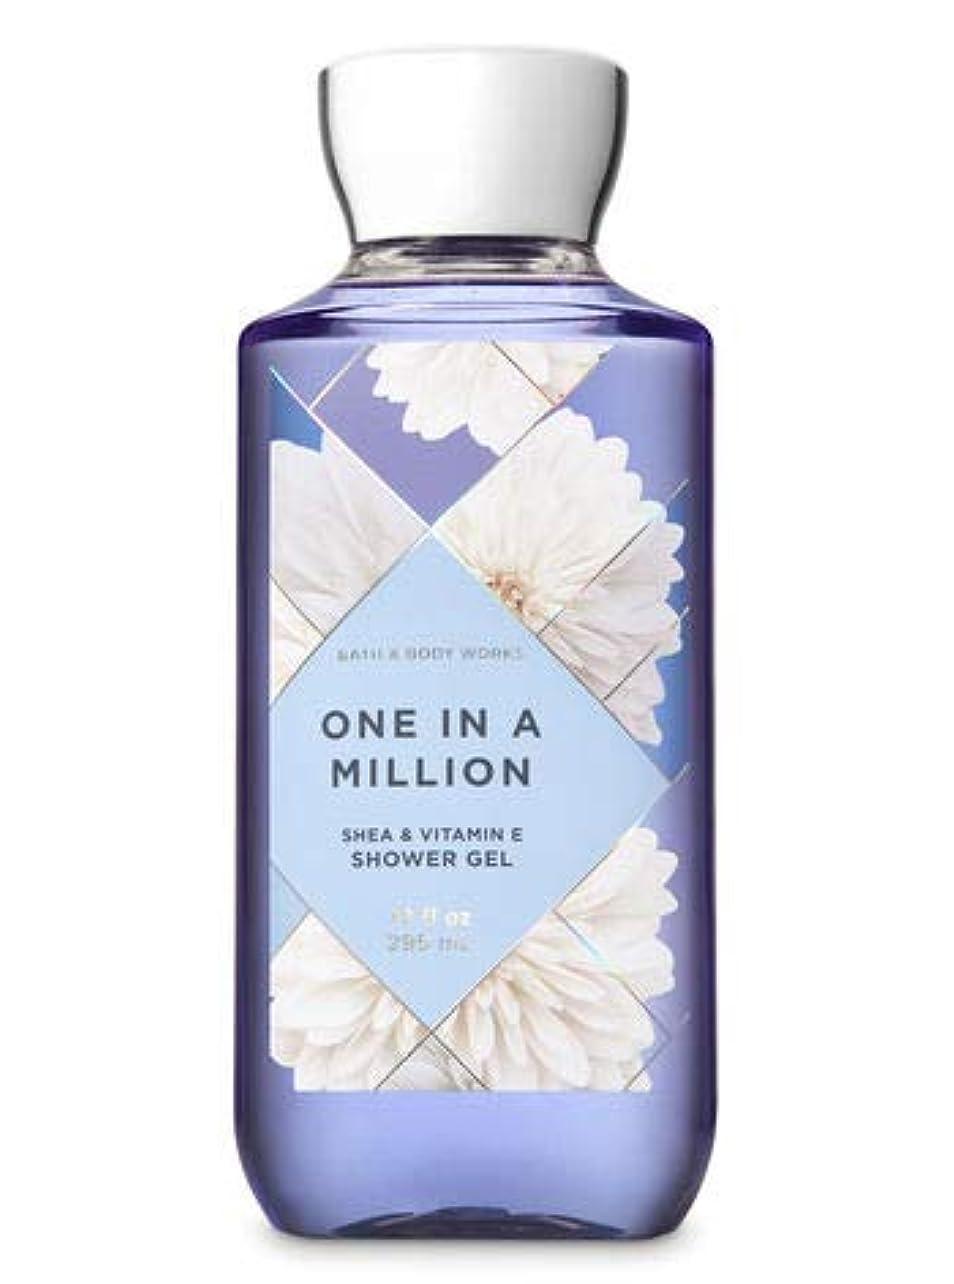 チャンピオン岩悲観主義者【Bath&Body Works/バス&ボディワークス】 シャワージェル ワンインアミリオン Shower Gel One in a Million 10 fl oz / 295 mL [並行輸入品]